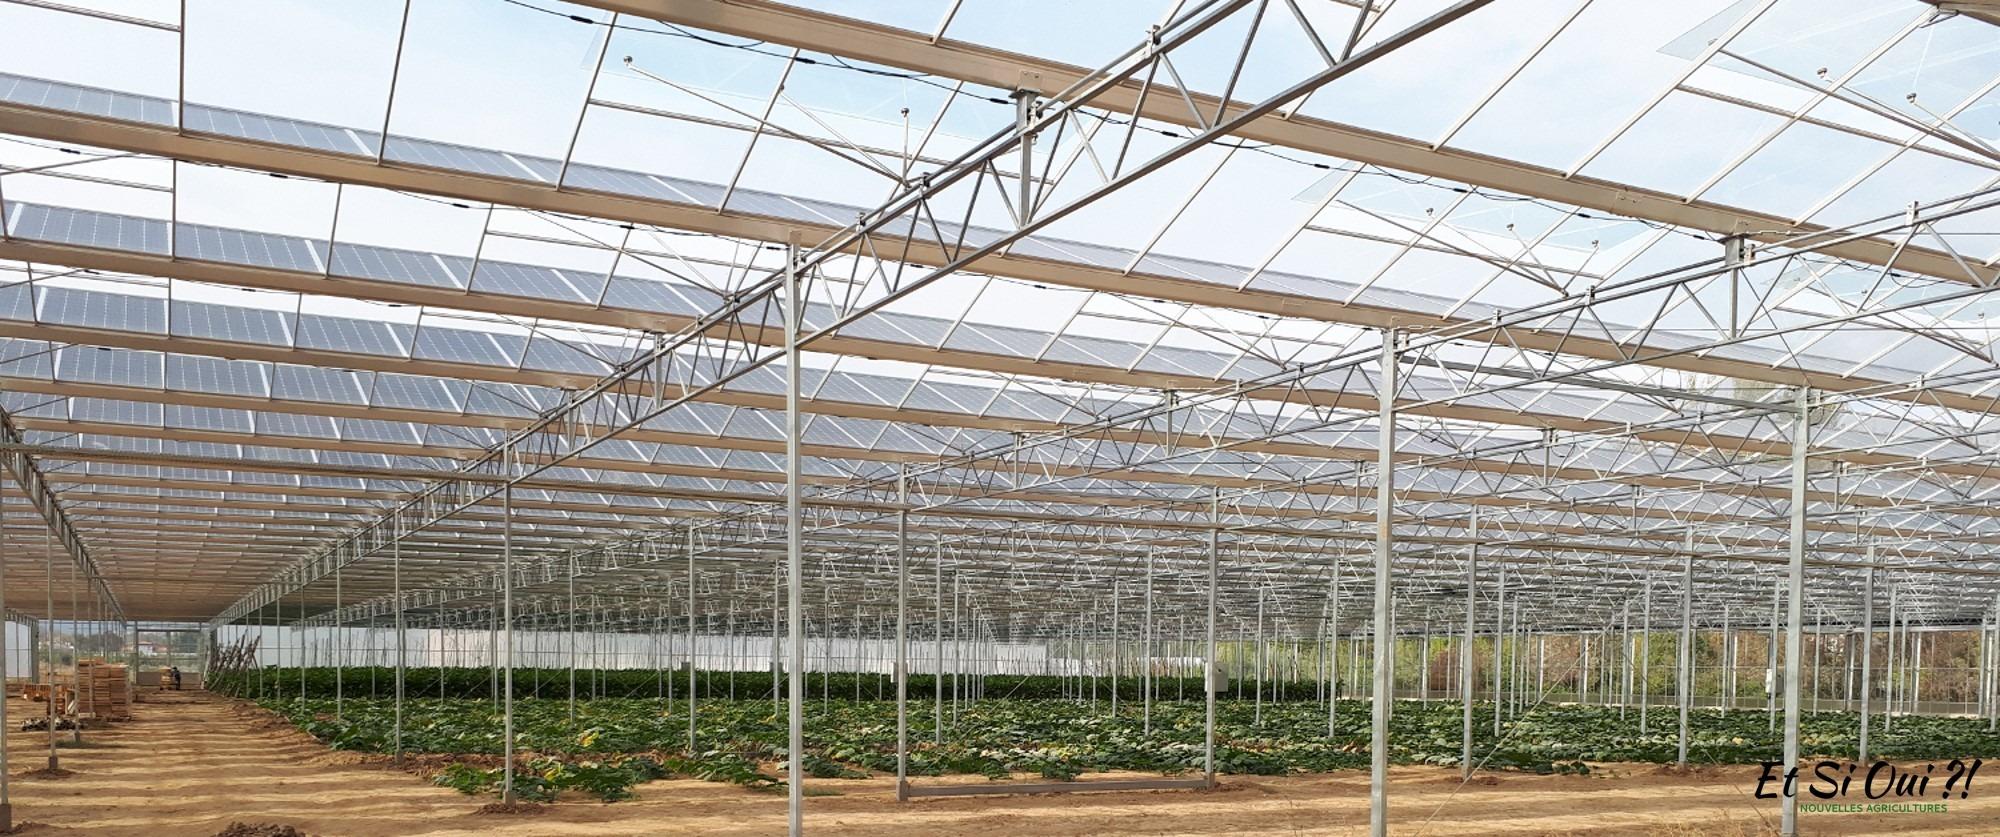 L'agrivoltaique, un outil pour l'agriculture  périurbaine